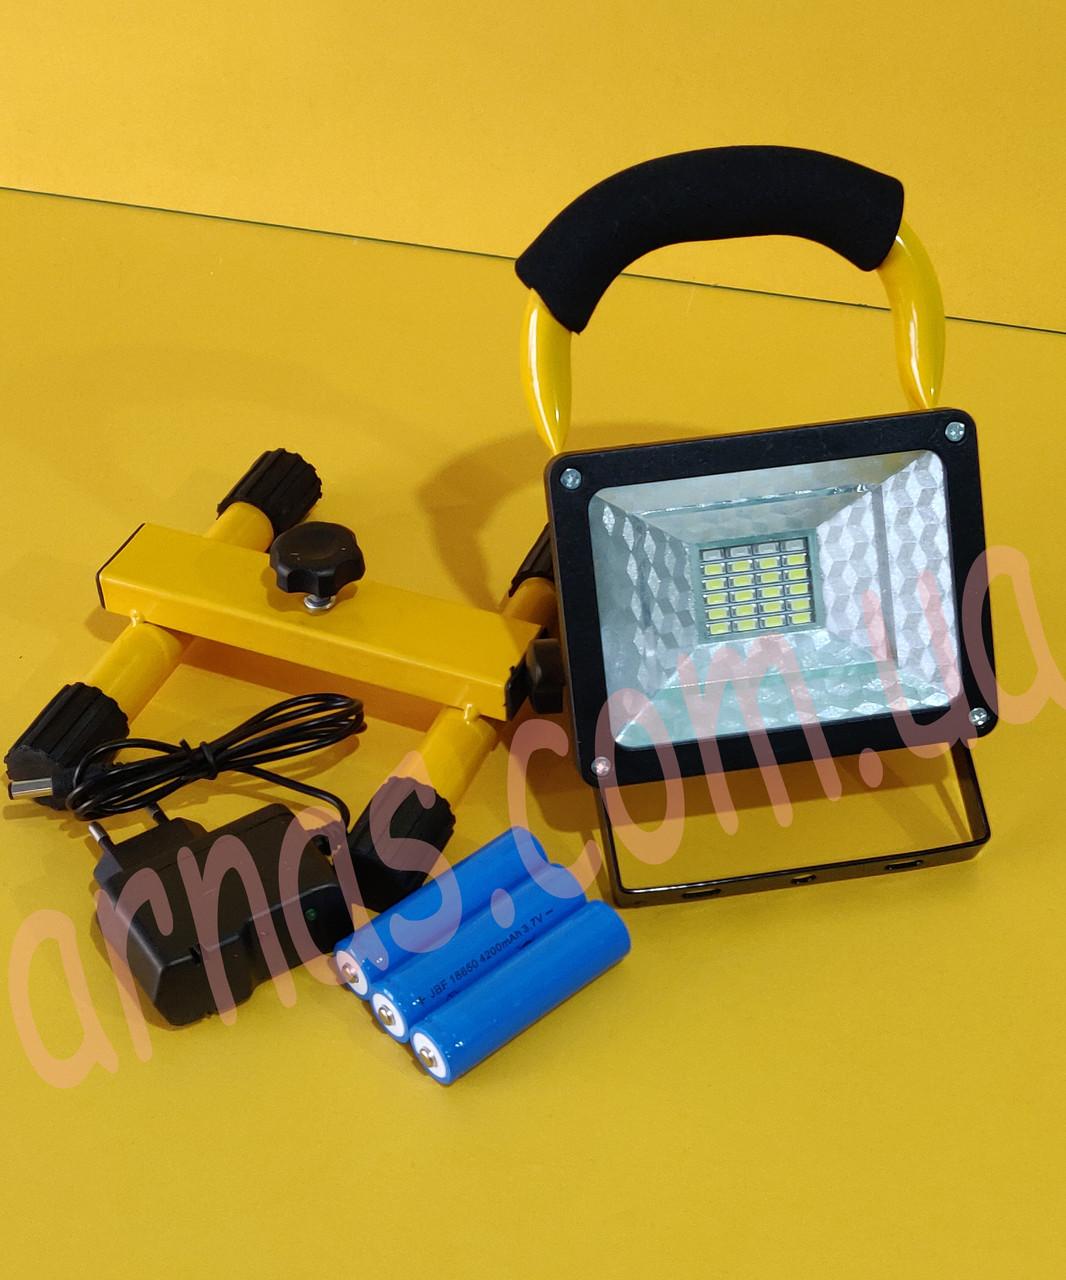 Фонарь-светильник LED Flood Light Outdoor 30W (W804)